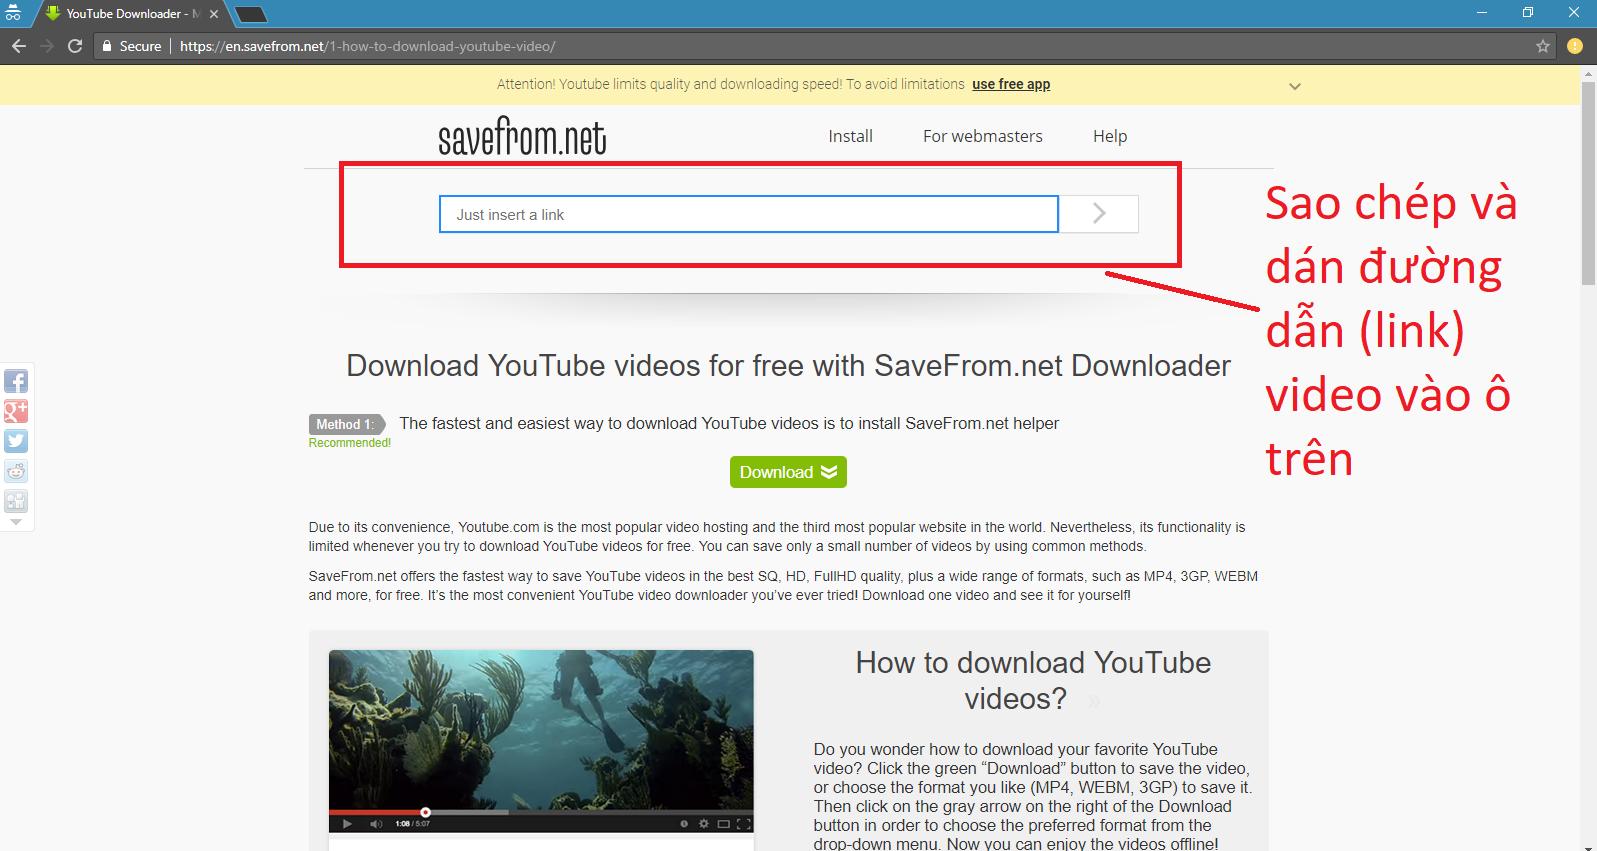 Cách 2: Truy cập trực tiếp trang web SaveFrom.net (Ảnh: sưu tầm)